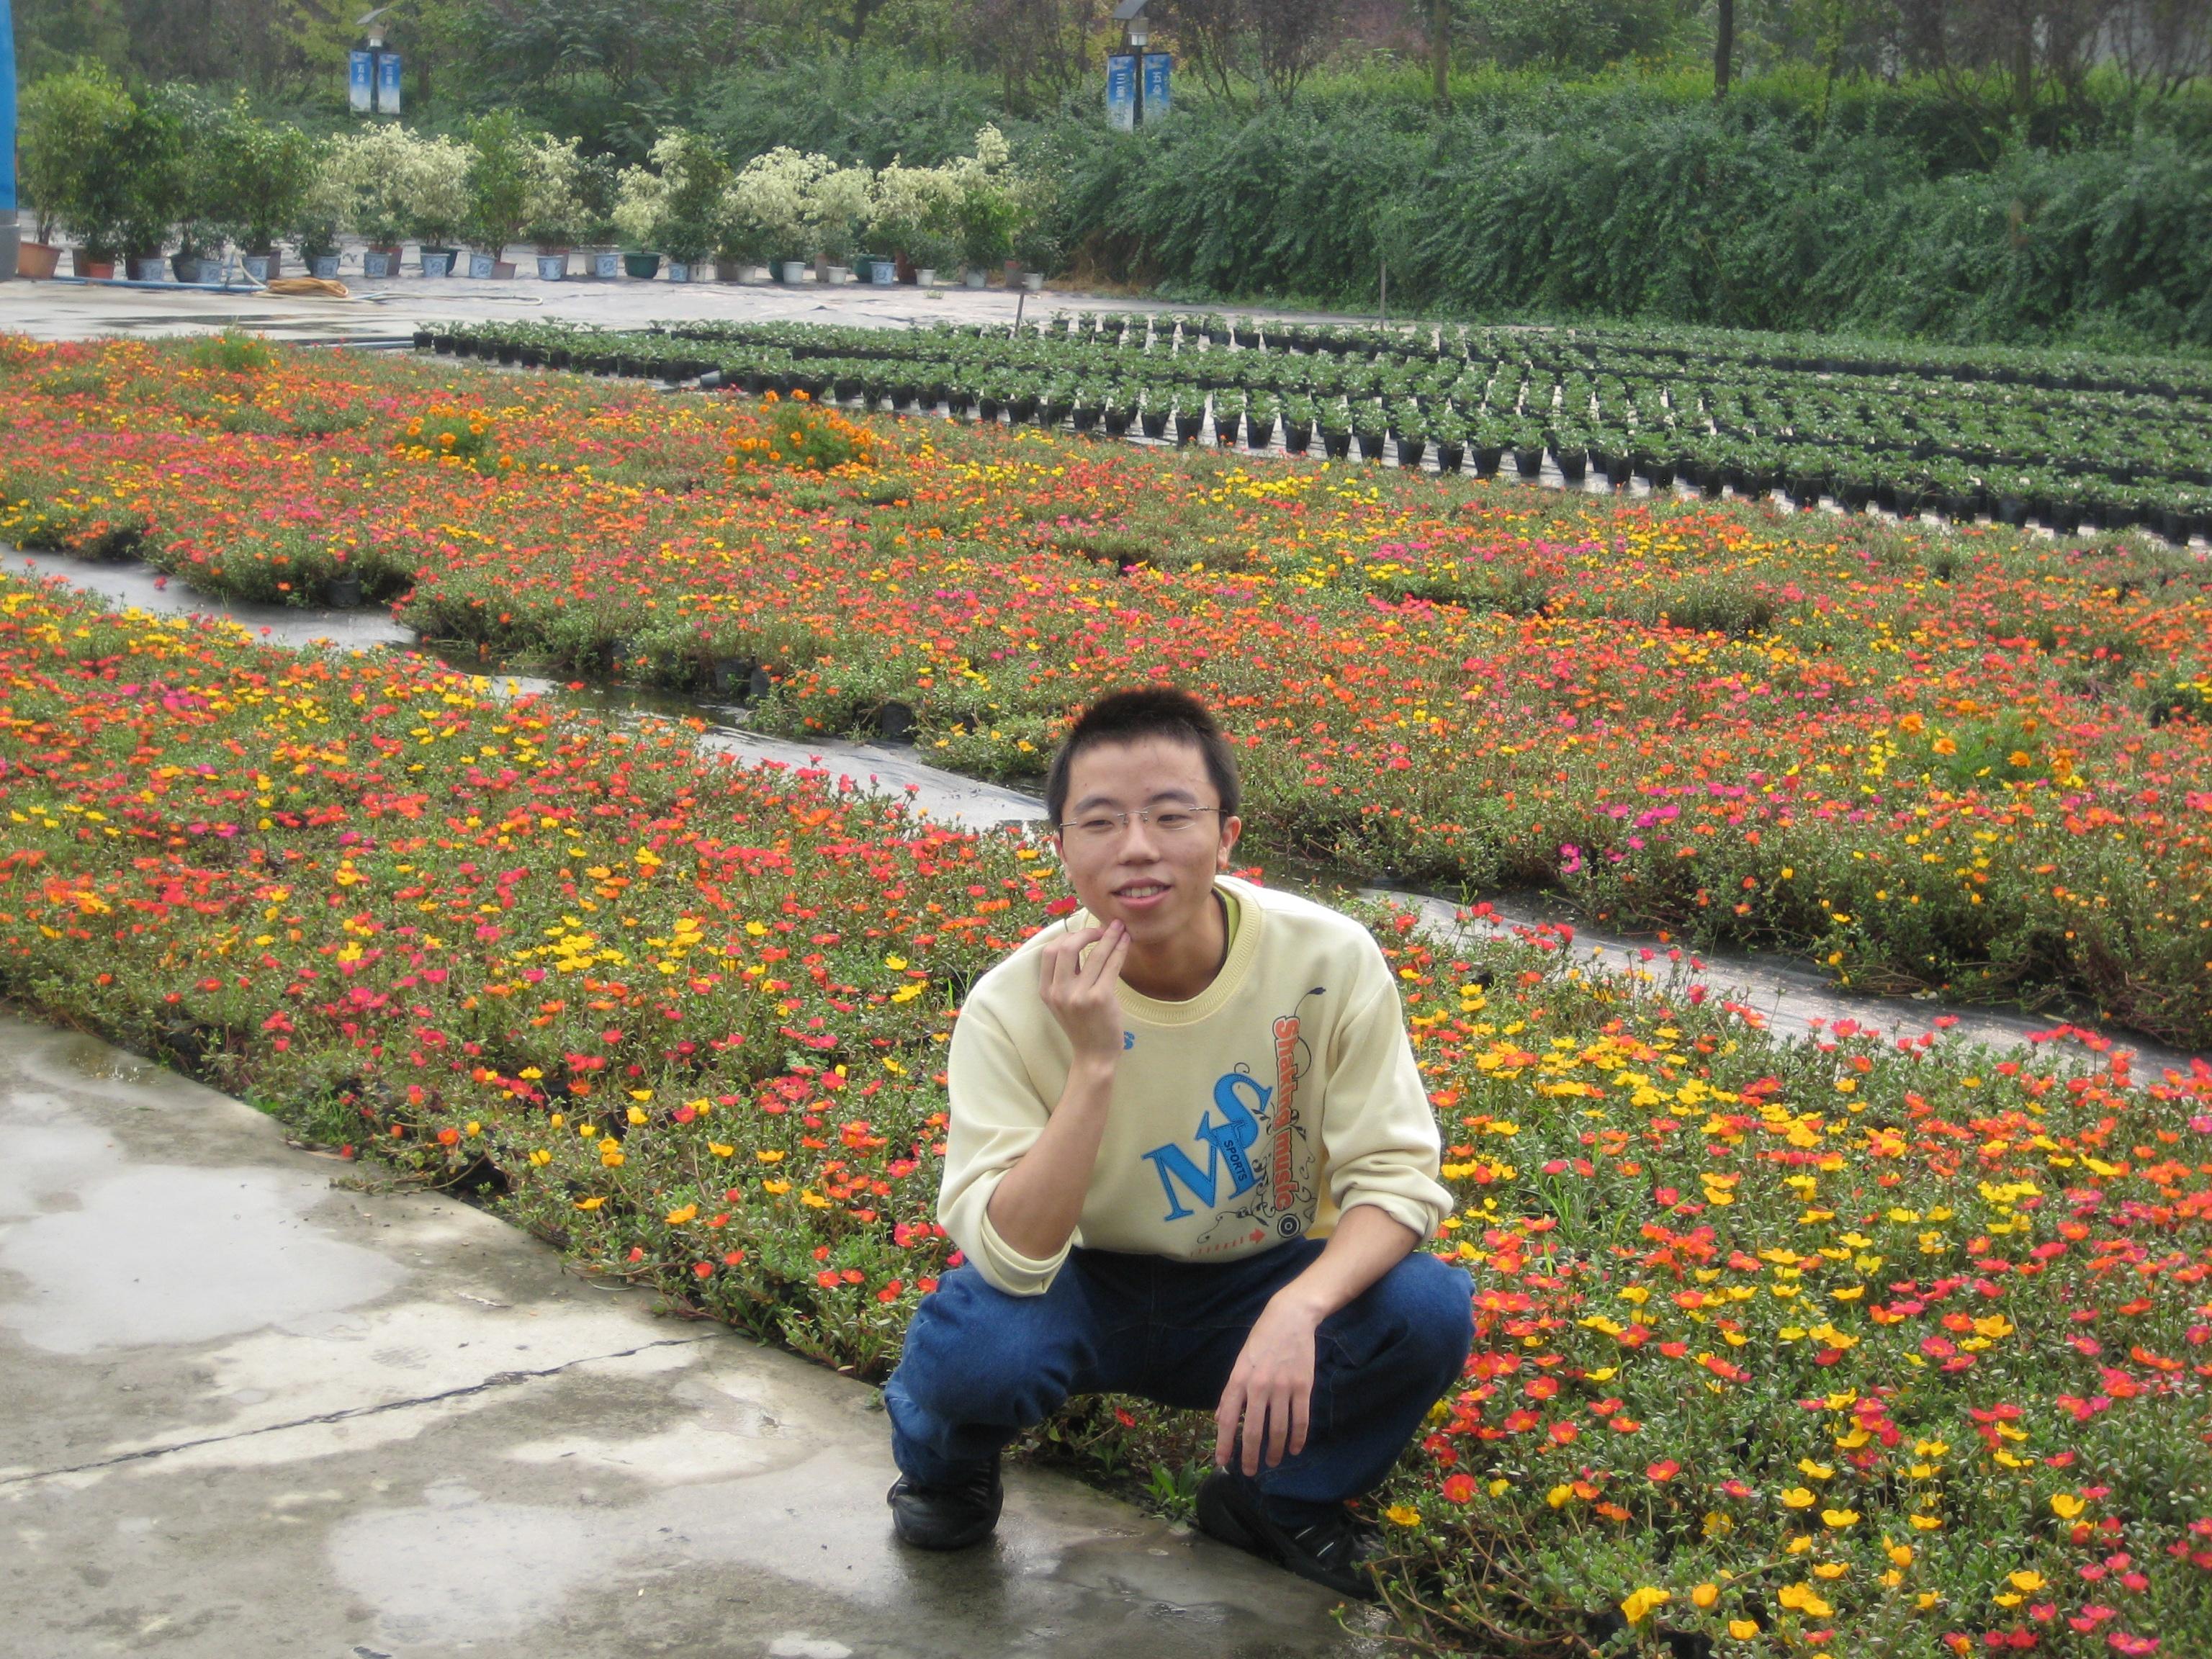 稀有动物资料照片_四川成都征婚交友_珍爱网